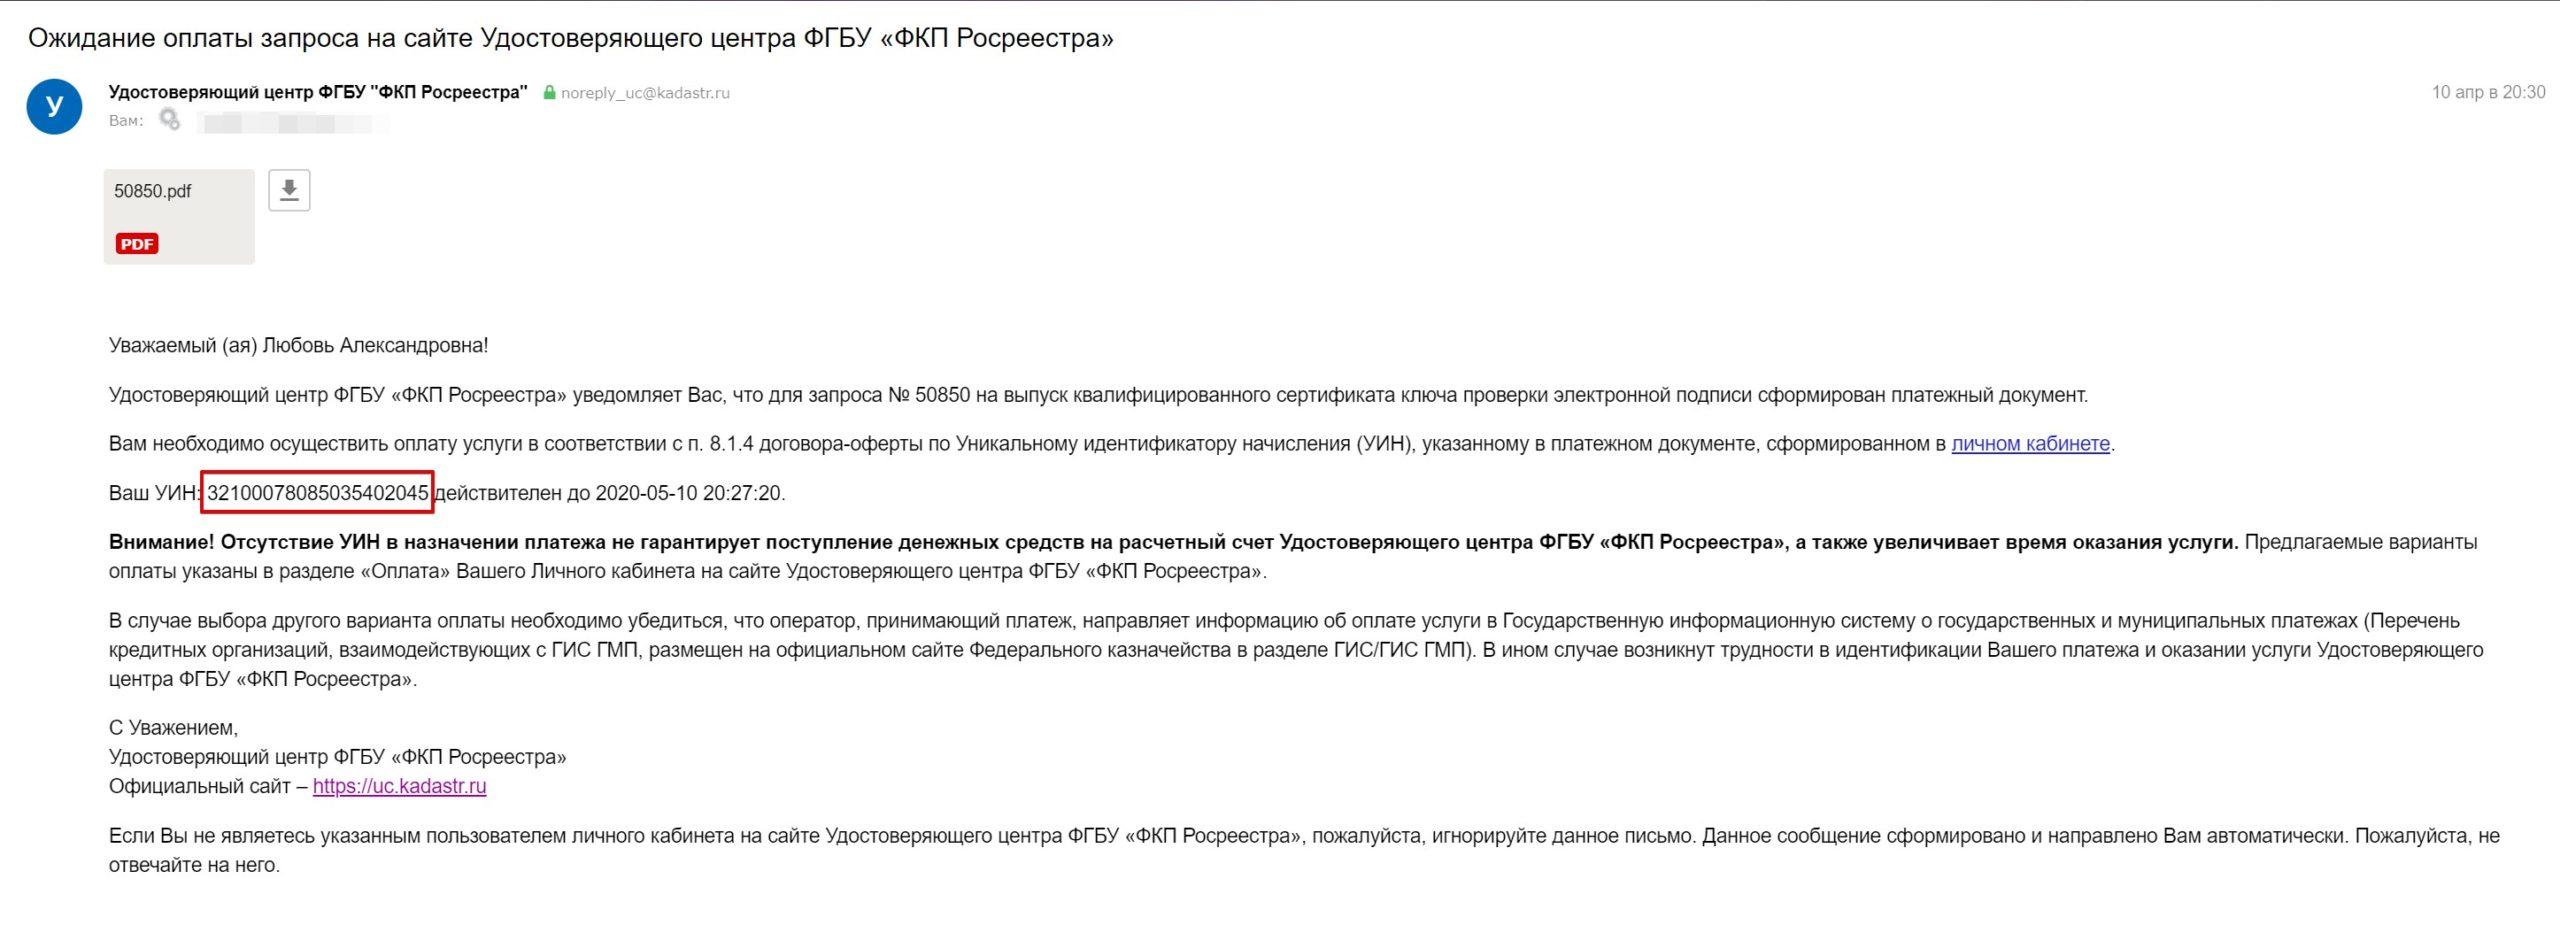 Письмо об оплате пошлины за получение электронной подписи